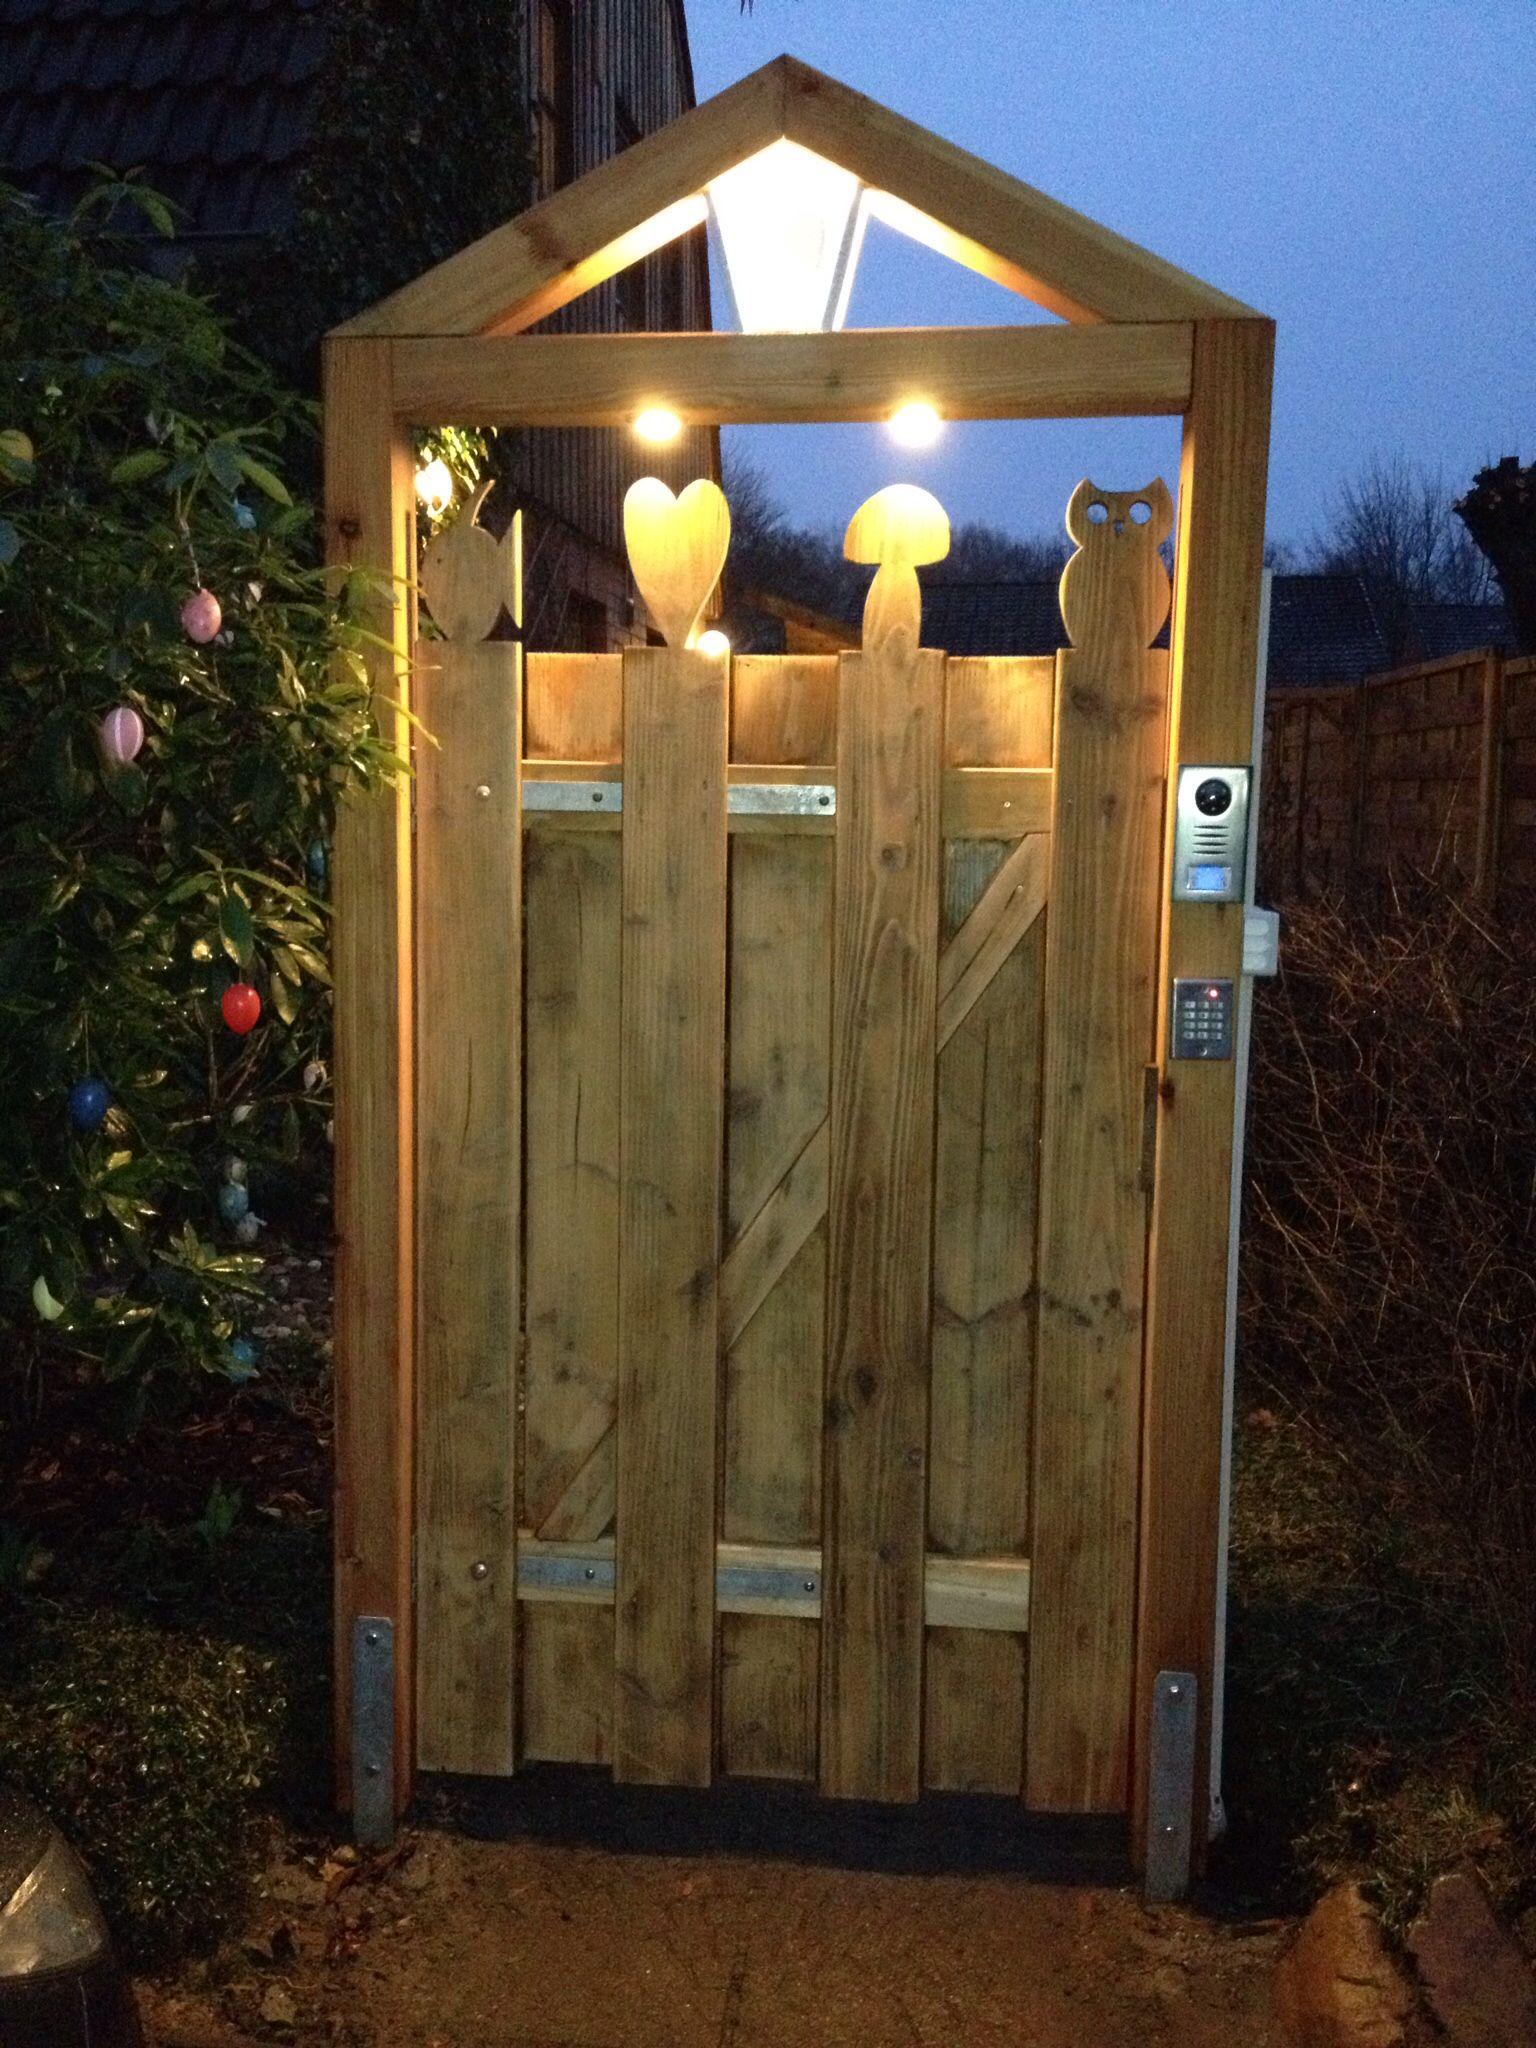 Gartentor Mit Beleuchtung Beleuchtung Garten Gartentor Garten